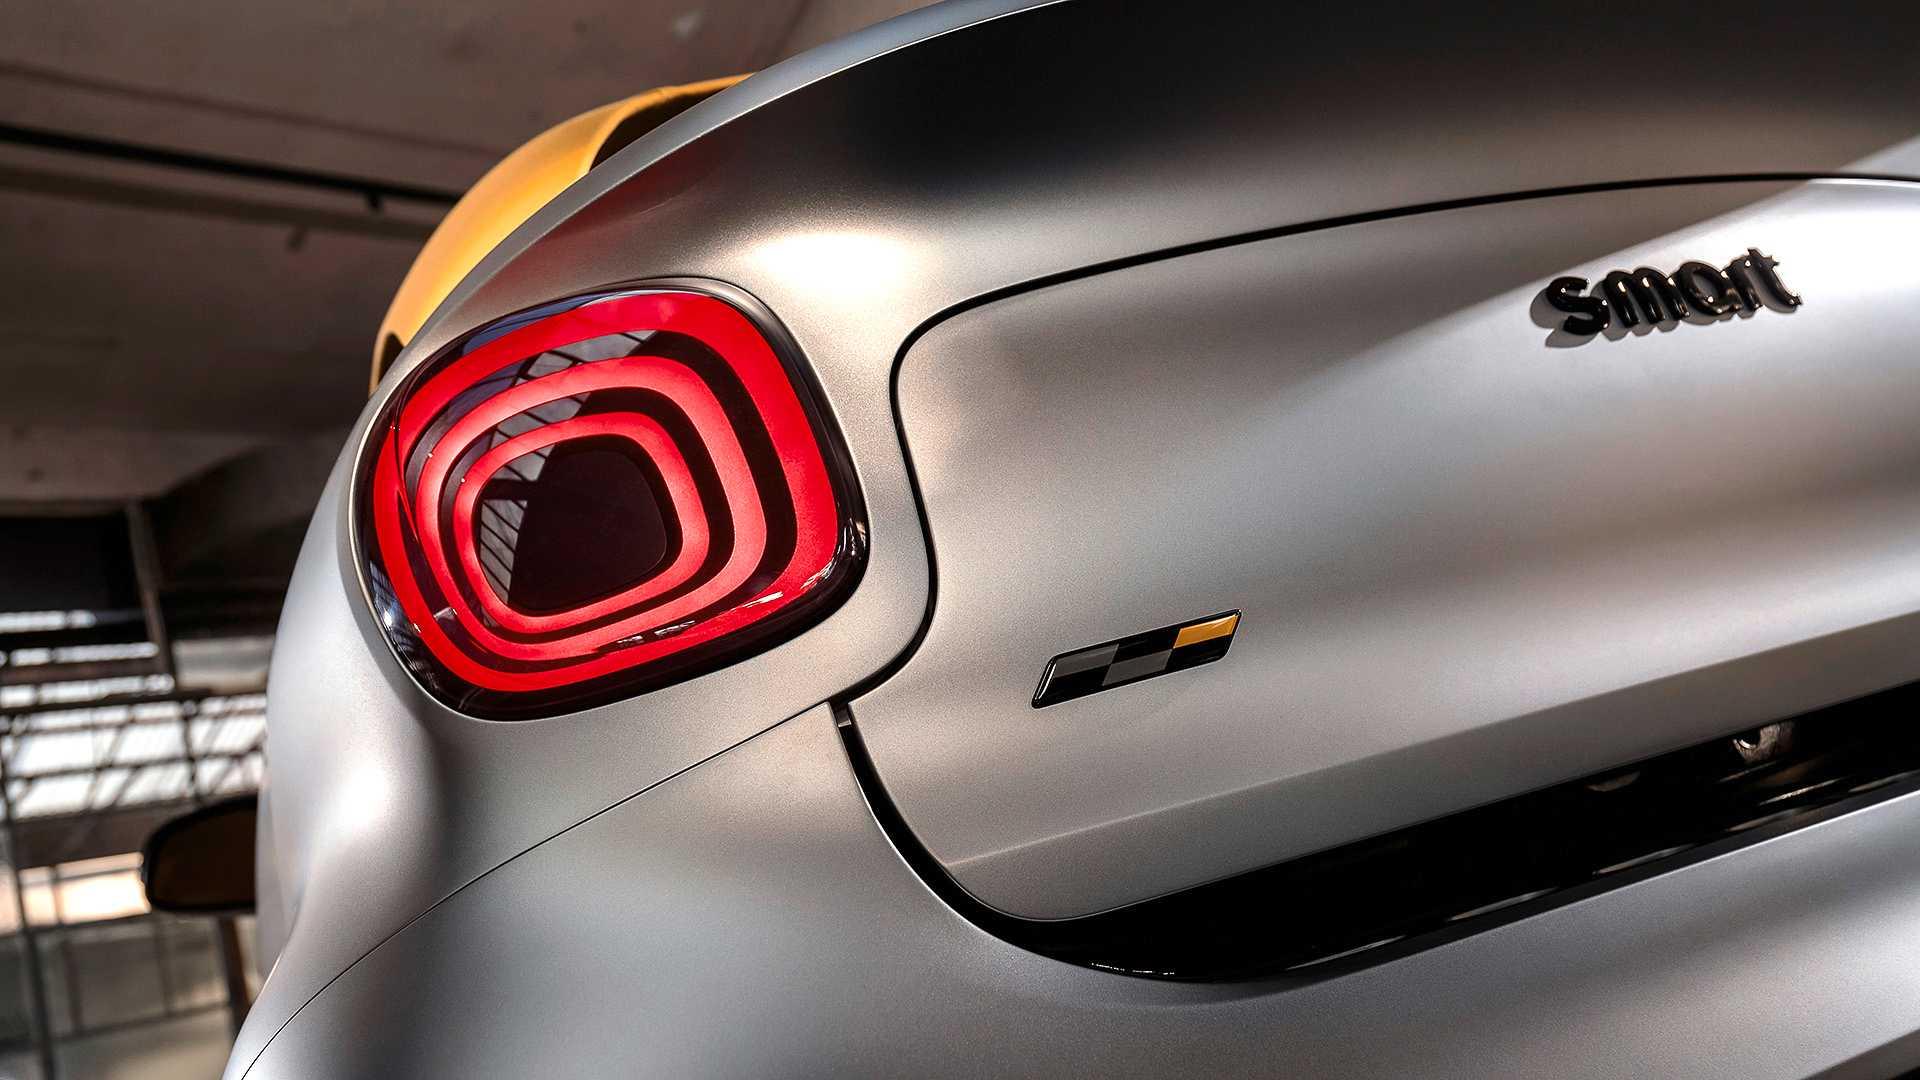 2019日内瓦车展奔驰发布smart forease+概念车